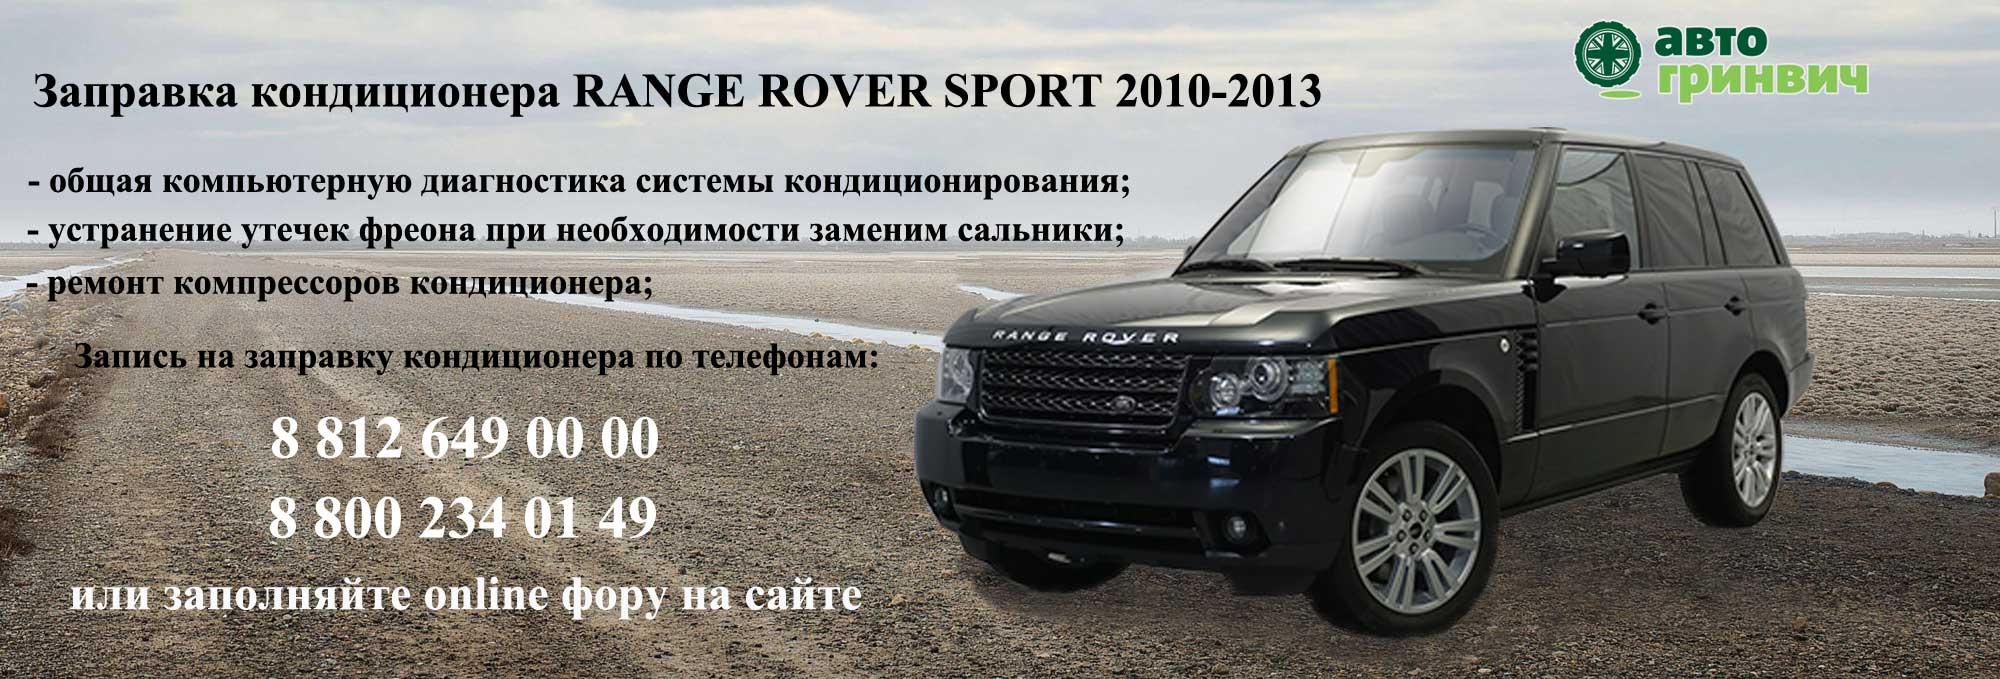 Заправка кондиционера Range Rover Sport 2010-2013